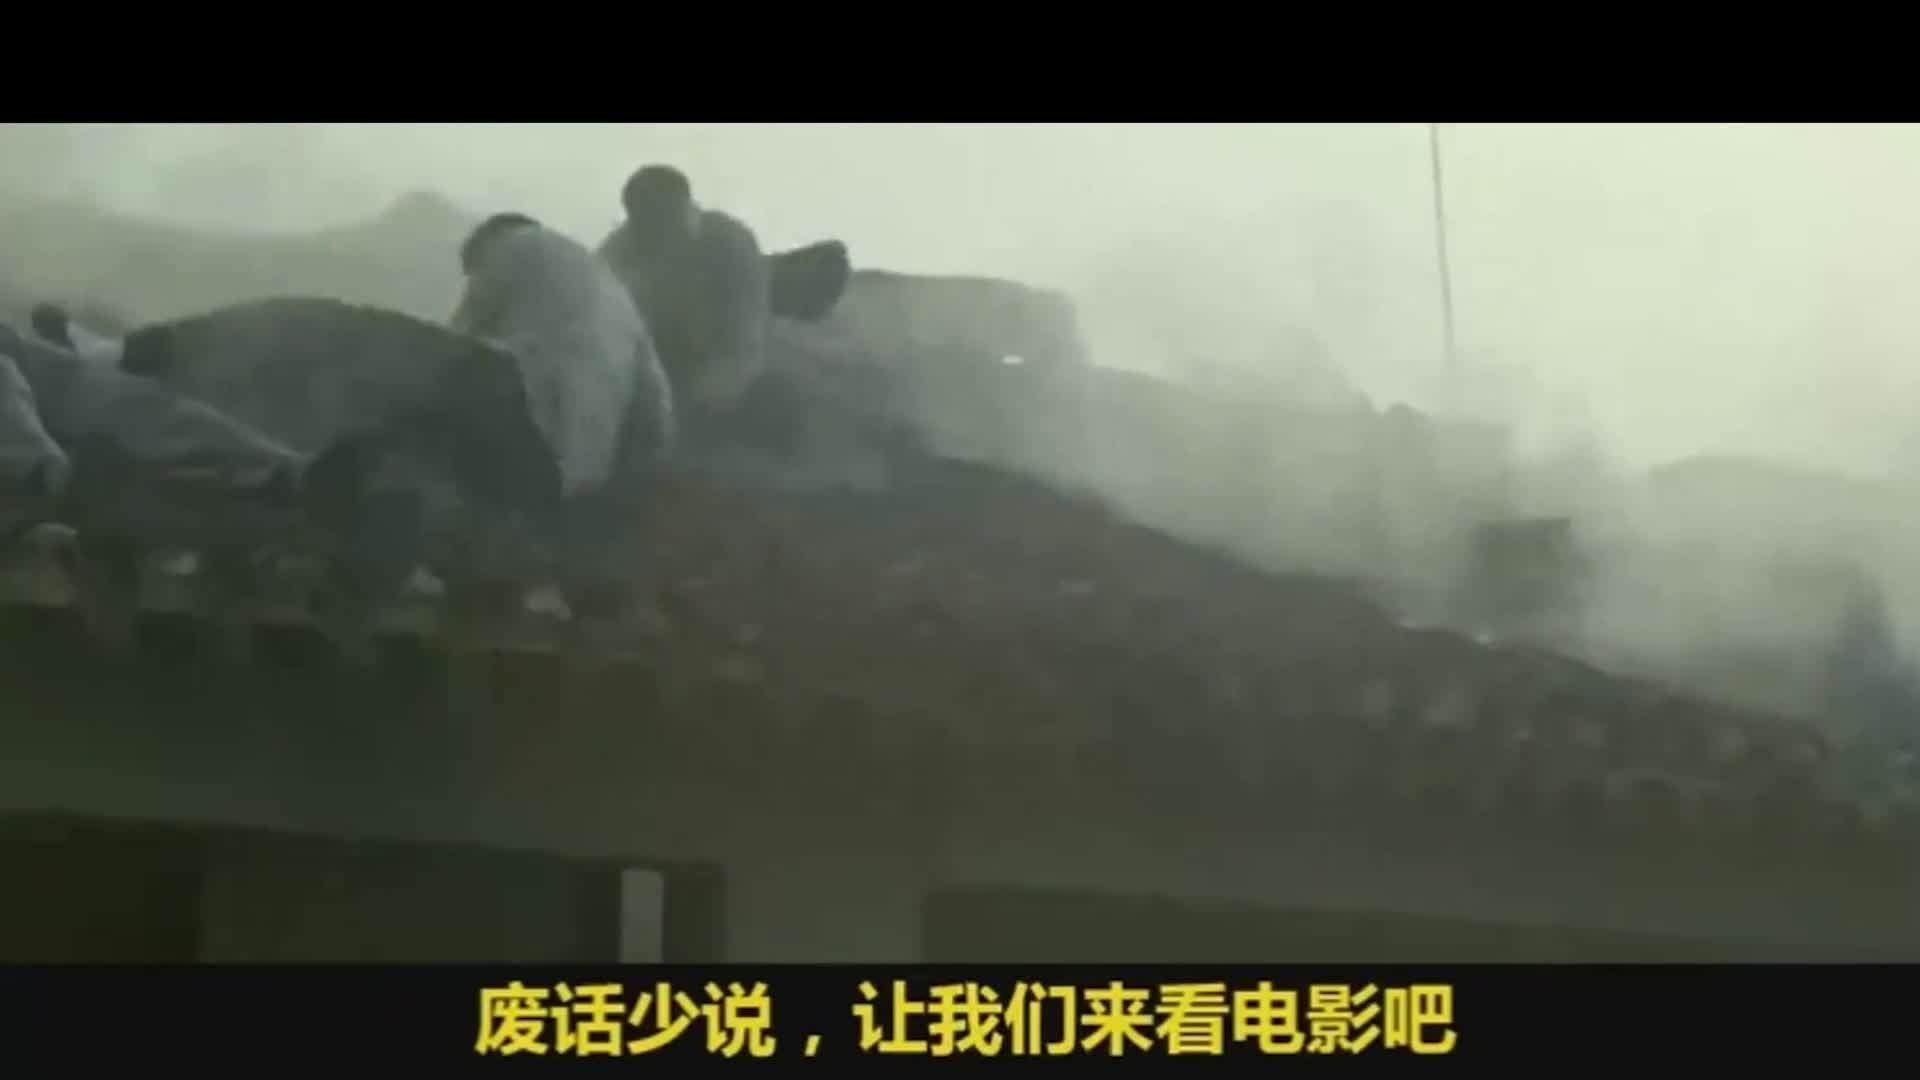 #经典看电影#一部孩子的视角揭露日军烧杀淫掠,无恶不作的电影,勿忘国耻!